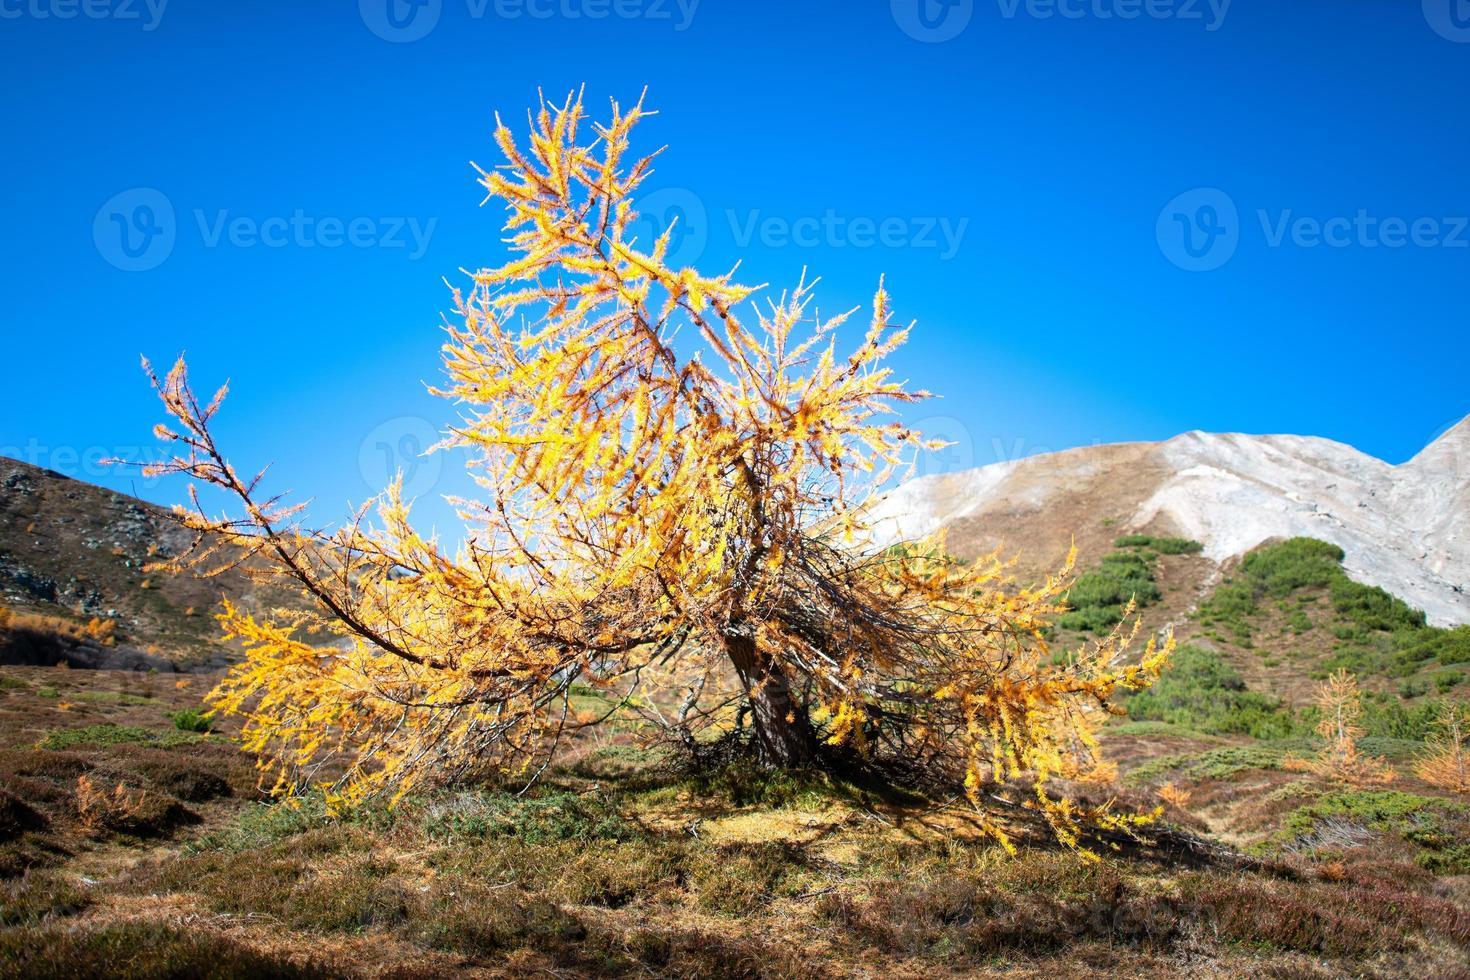 pequeña planta de alerce en las montañas de otoño foto